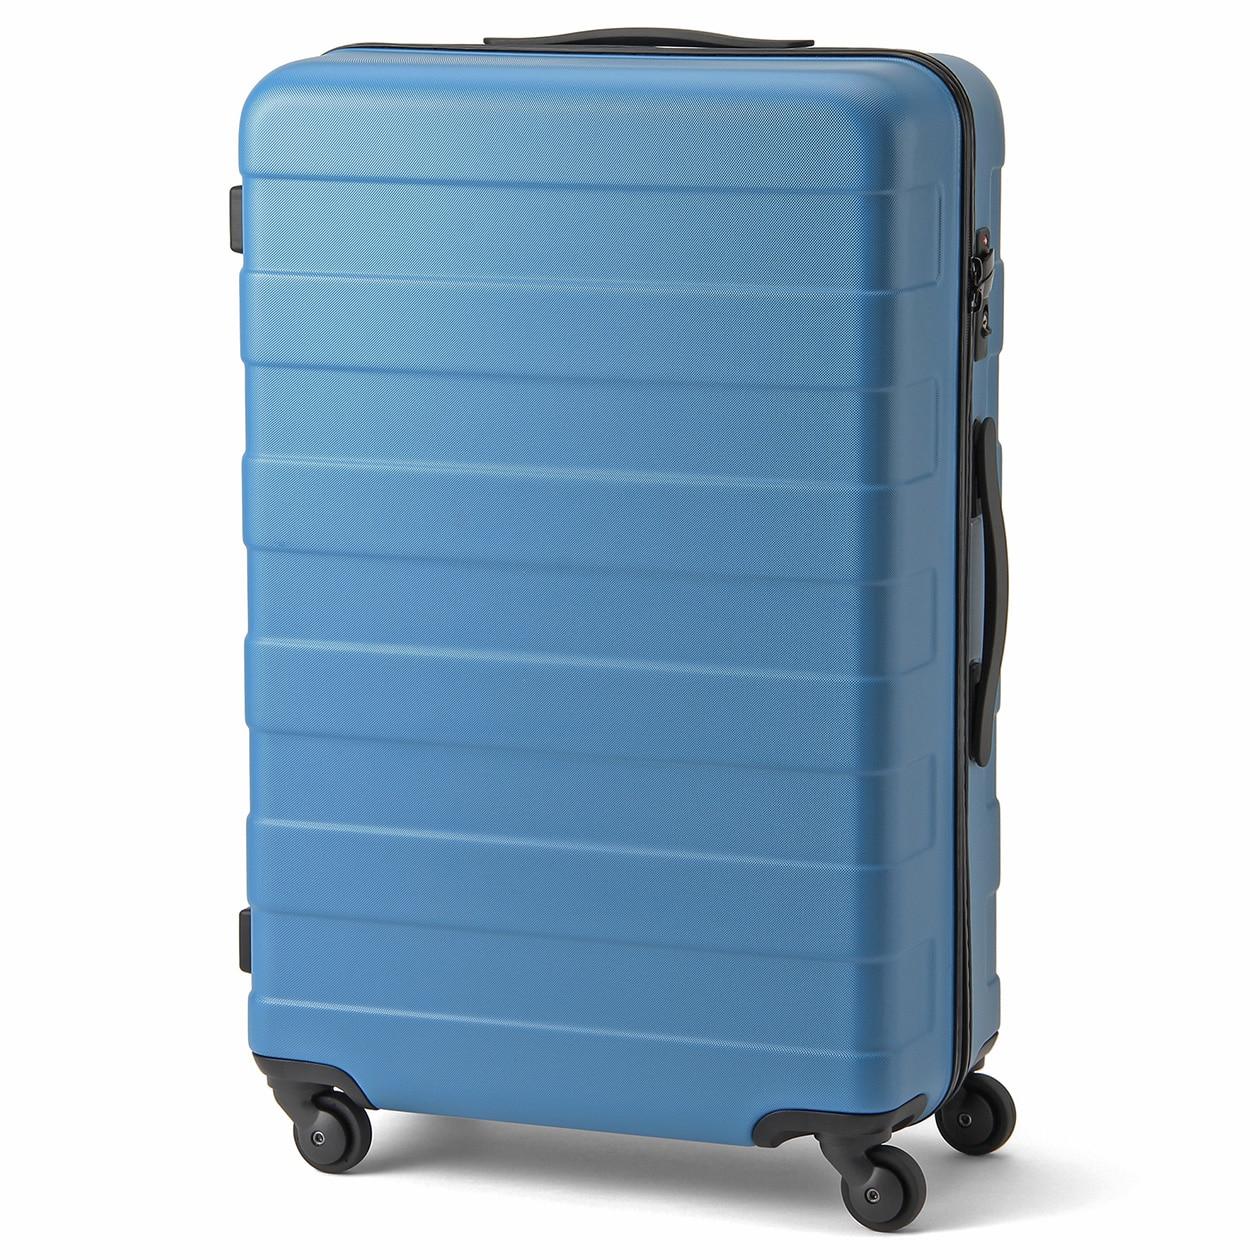 ... 無印良品 MUJI スーツケース・キャリーバッグ メンズ サイズ35L - 中古 ブランド古着バズストア ...